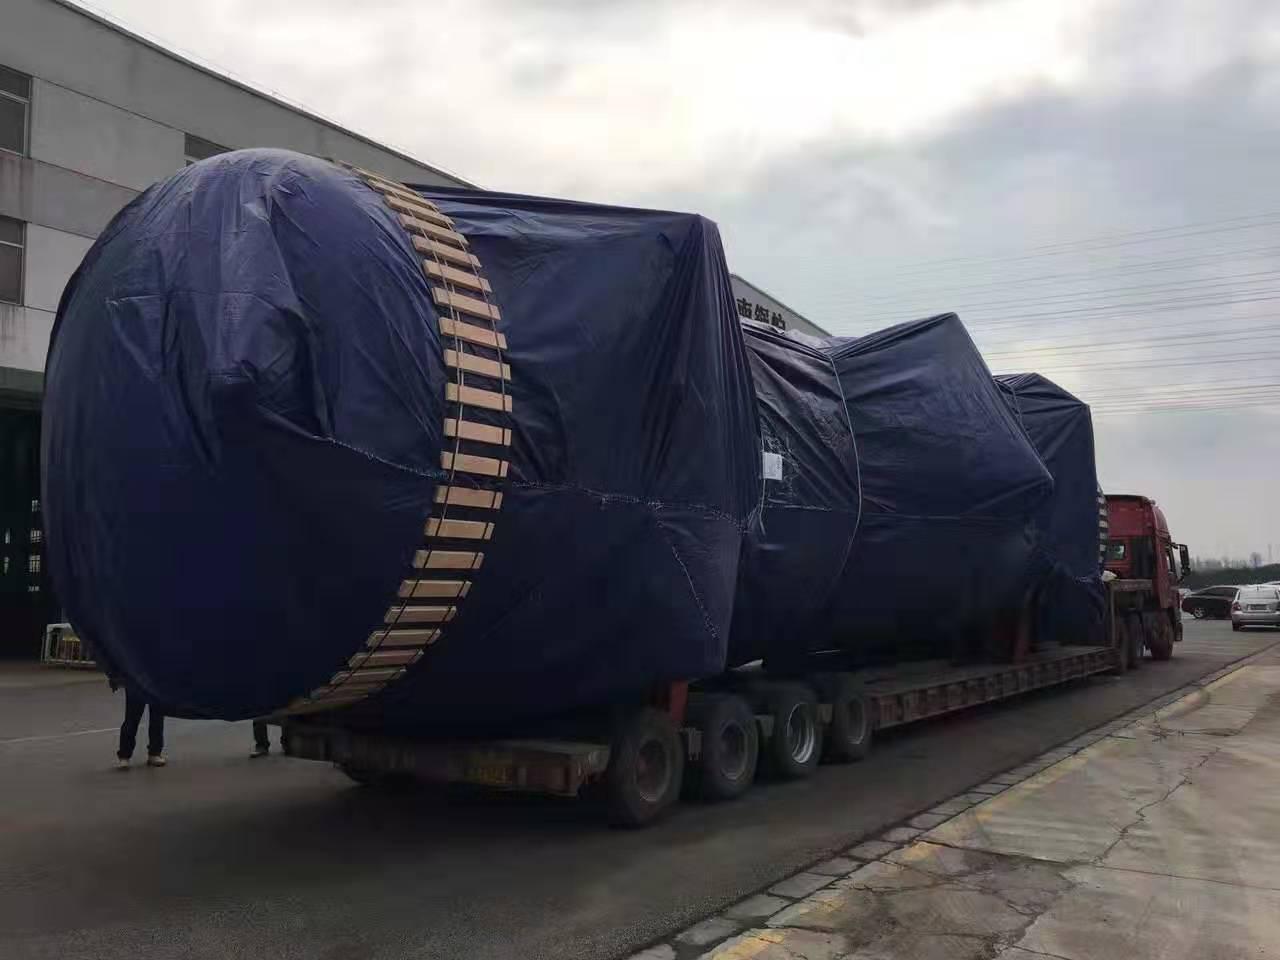 5.3米宽货物运输